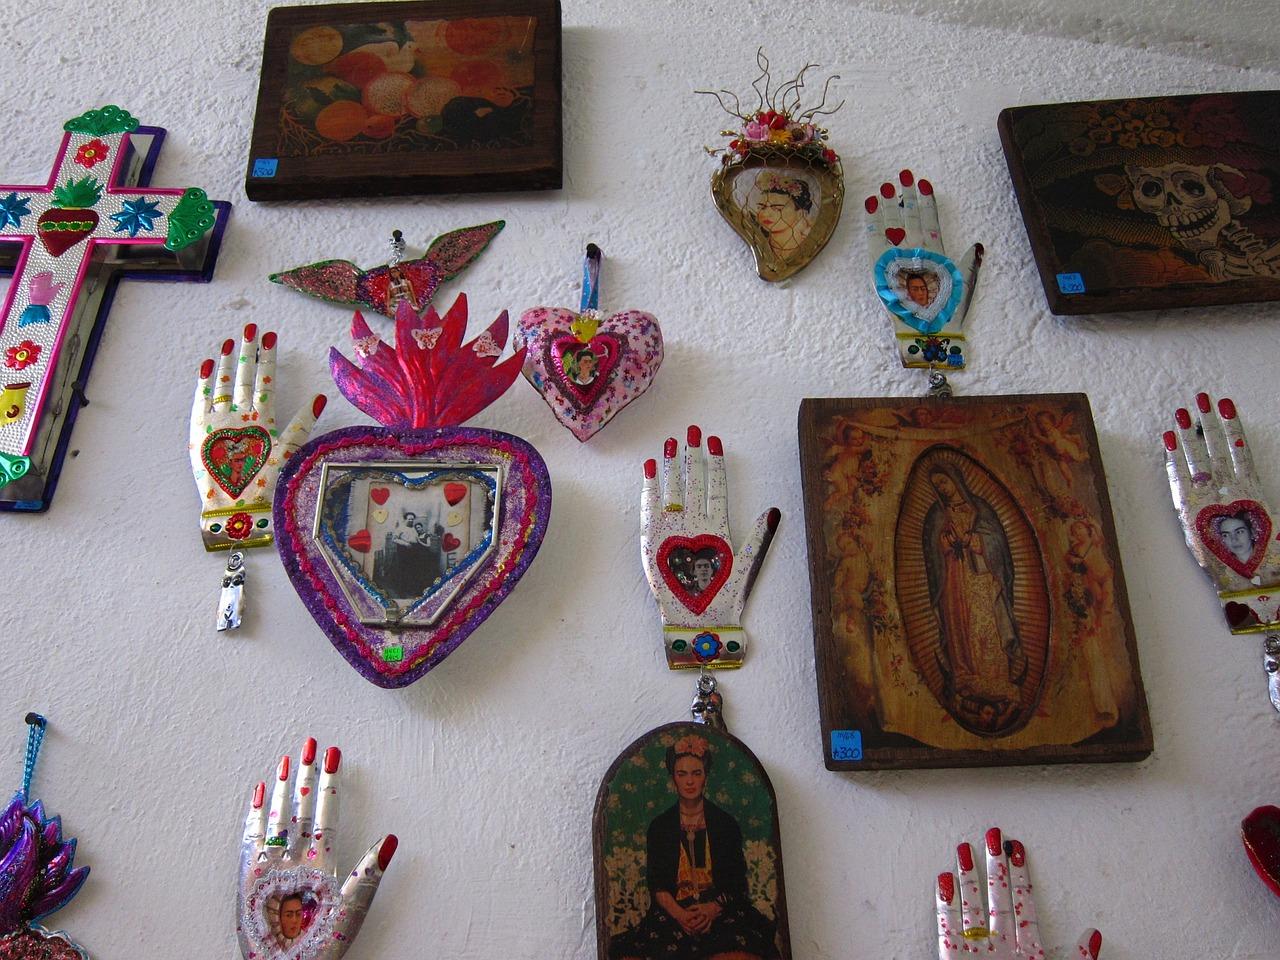 ¡Viva la vida! Un monologo di uno scrittore esemplare - www.matteotuveri.it